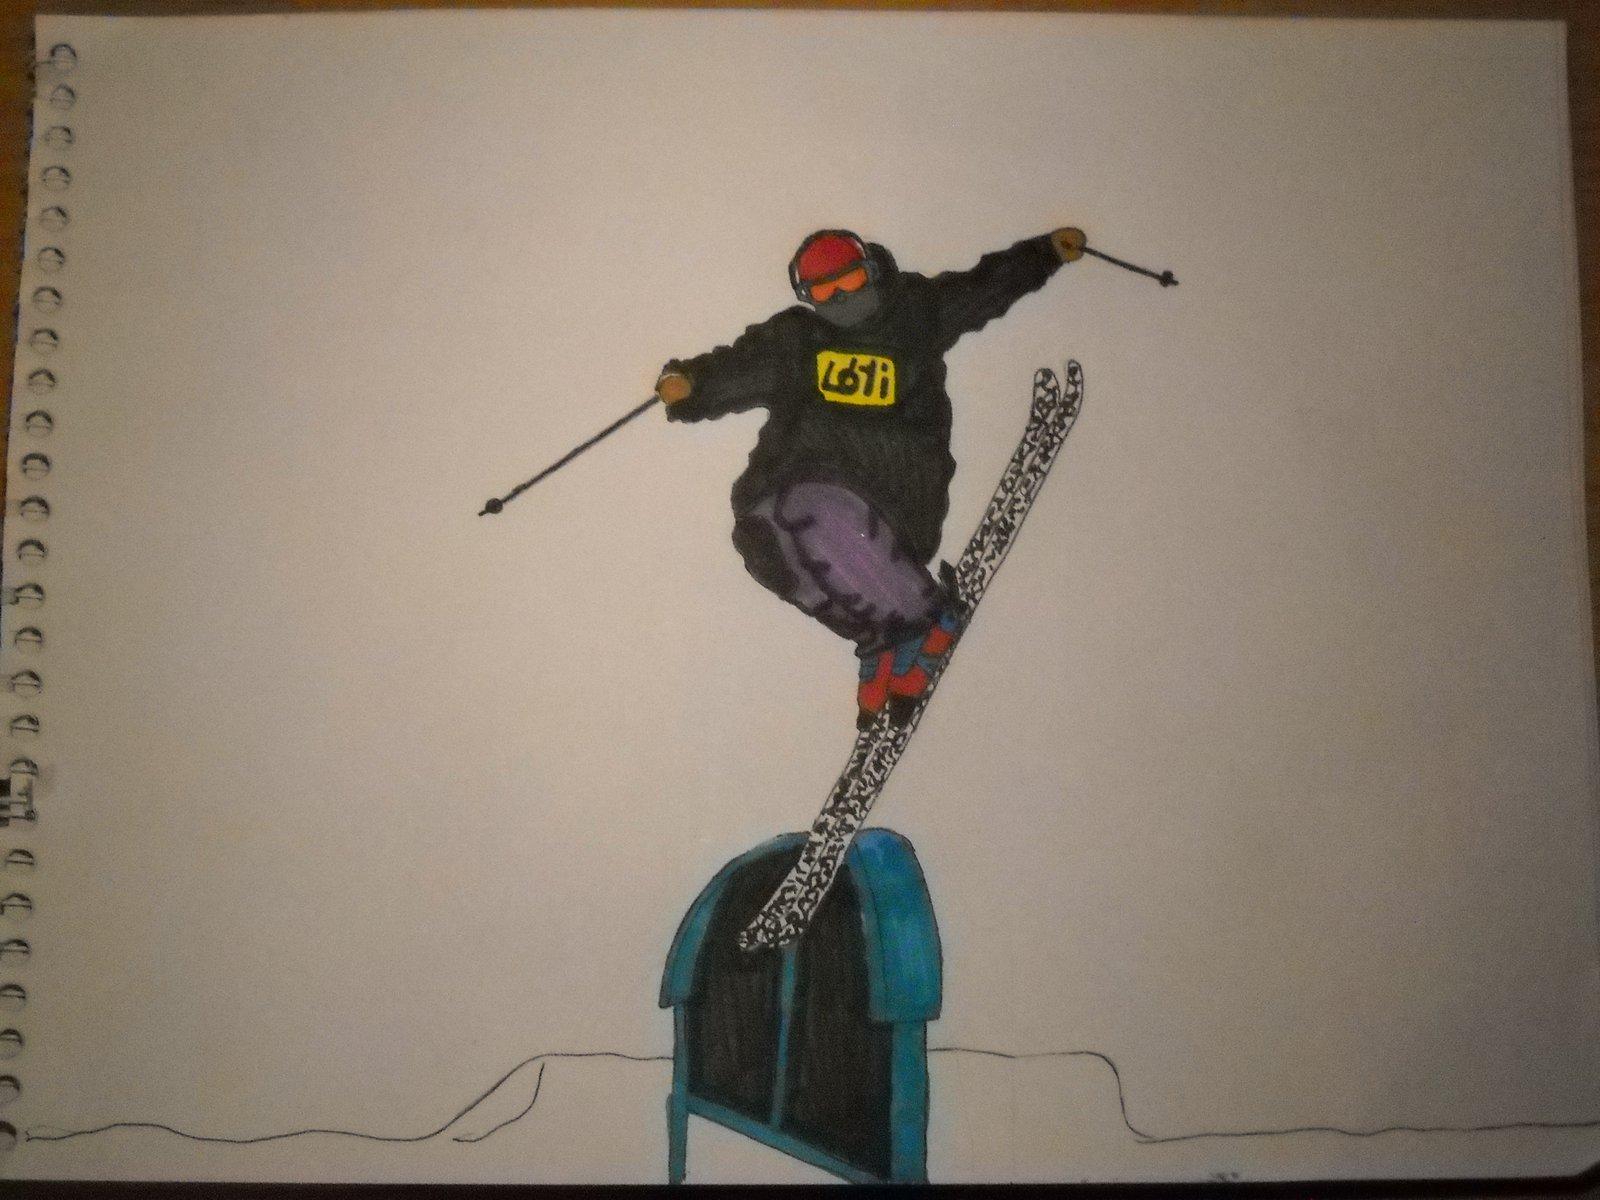 Ski drawing nose tap